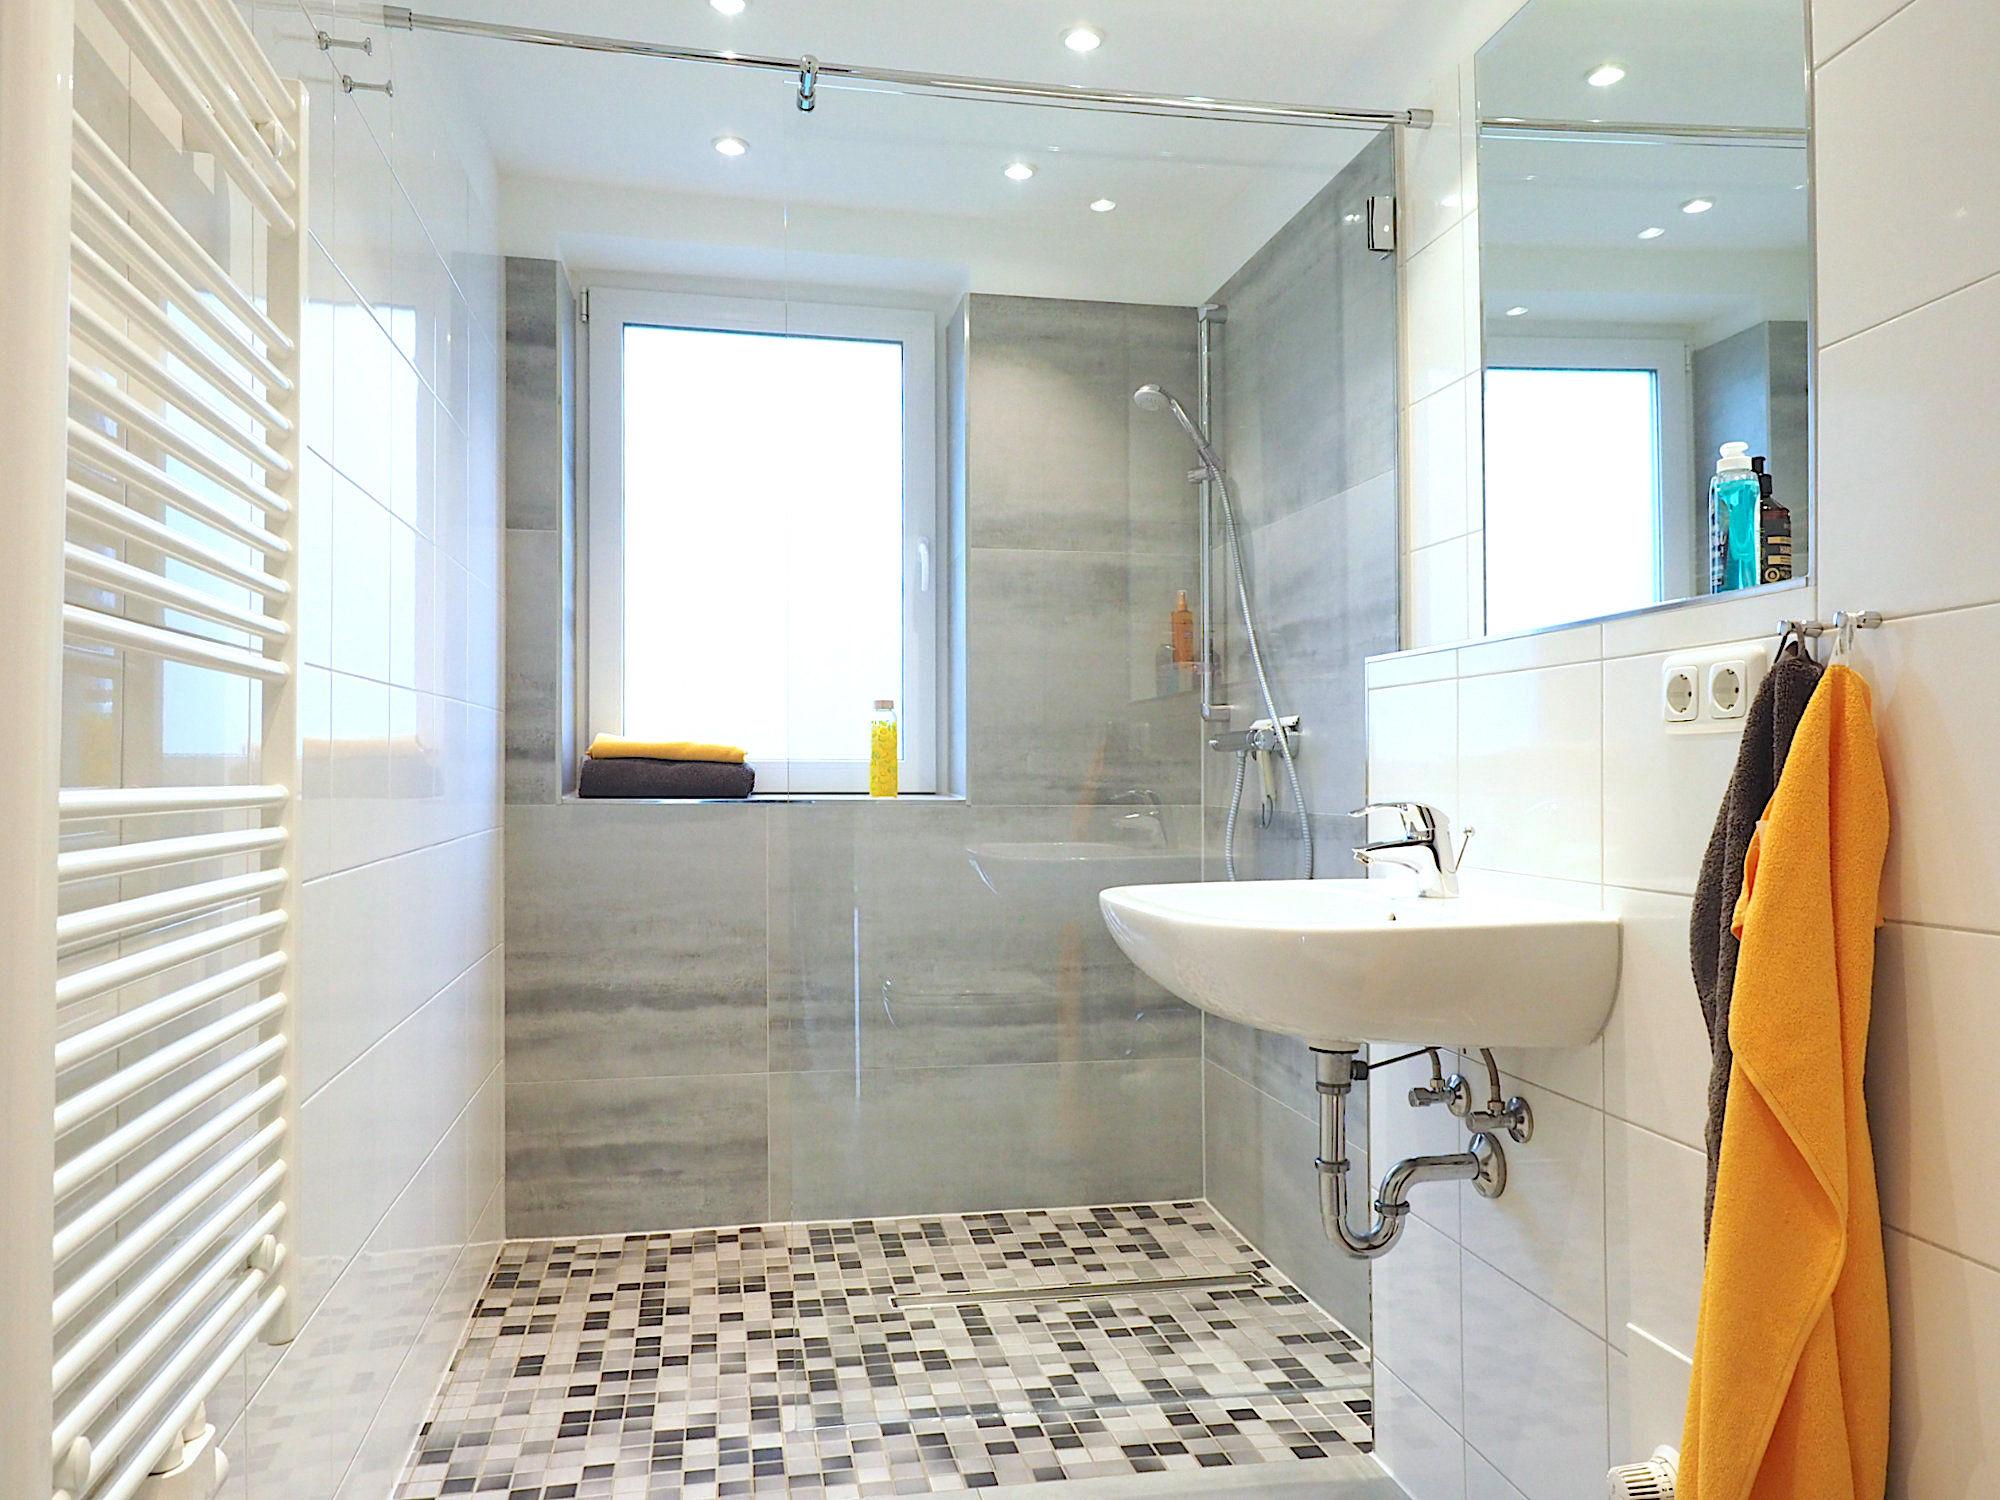 Duschbad: rechts ein Waschbecken mit Spiegel, links eine Handtuchheizung, im Hintergrund eine bodentiefe Dusche mit Glaswand